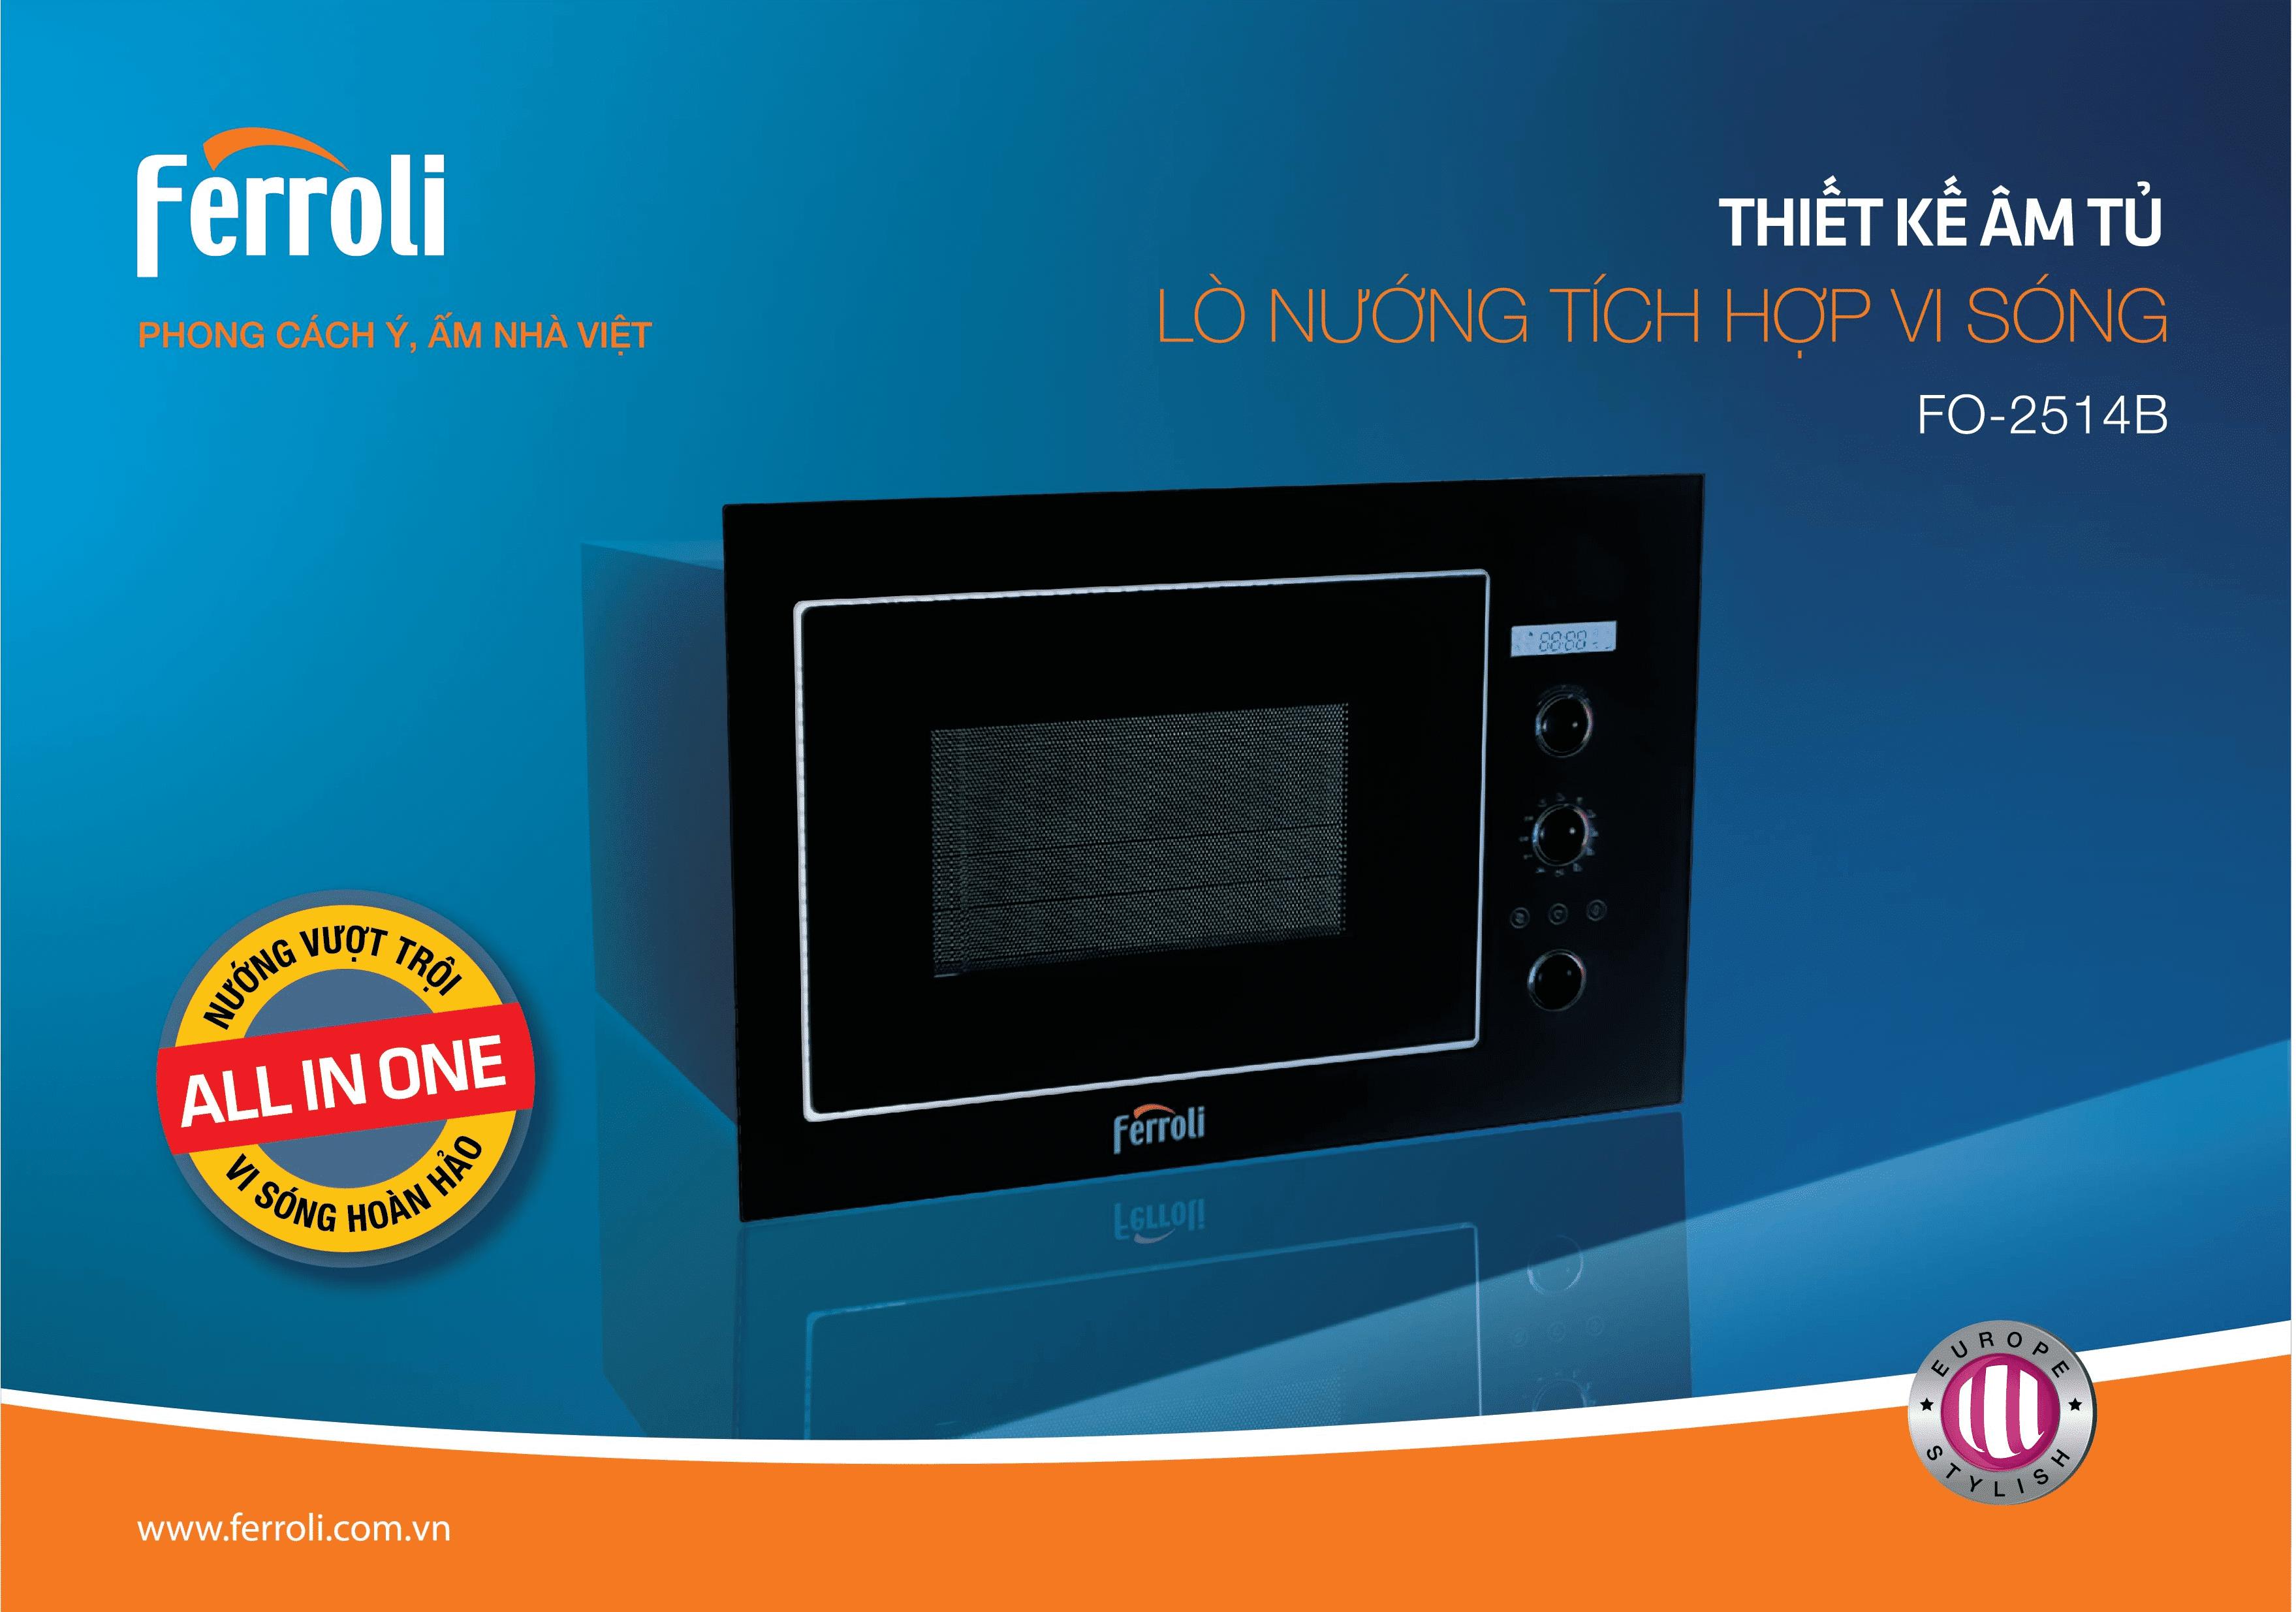 Lò nướng tích hợp vi sóng thiết kế âm tủ FO-2514B – lựa chọn hoàn hảo cho căn bếp hiện đại